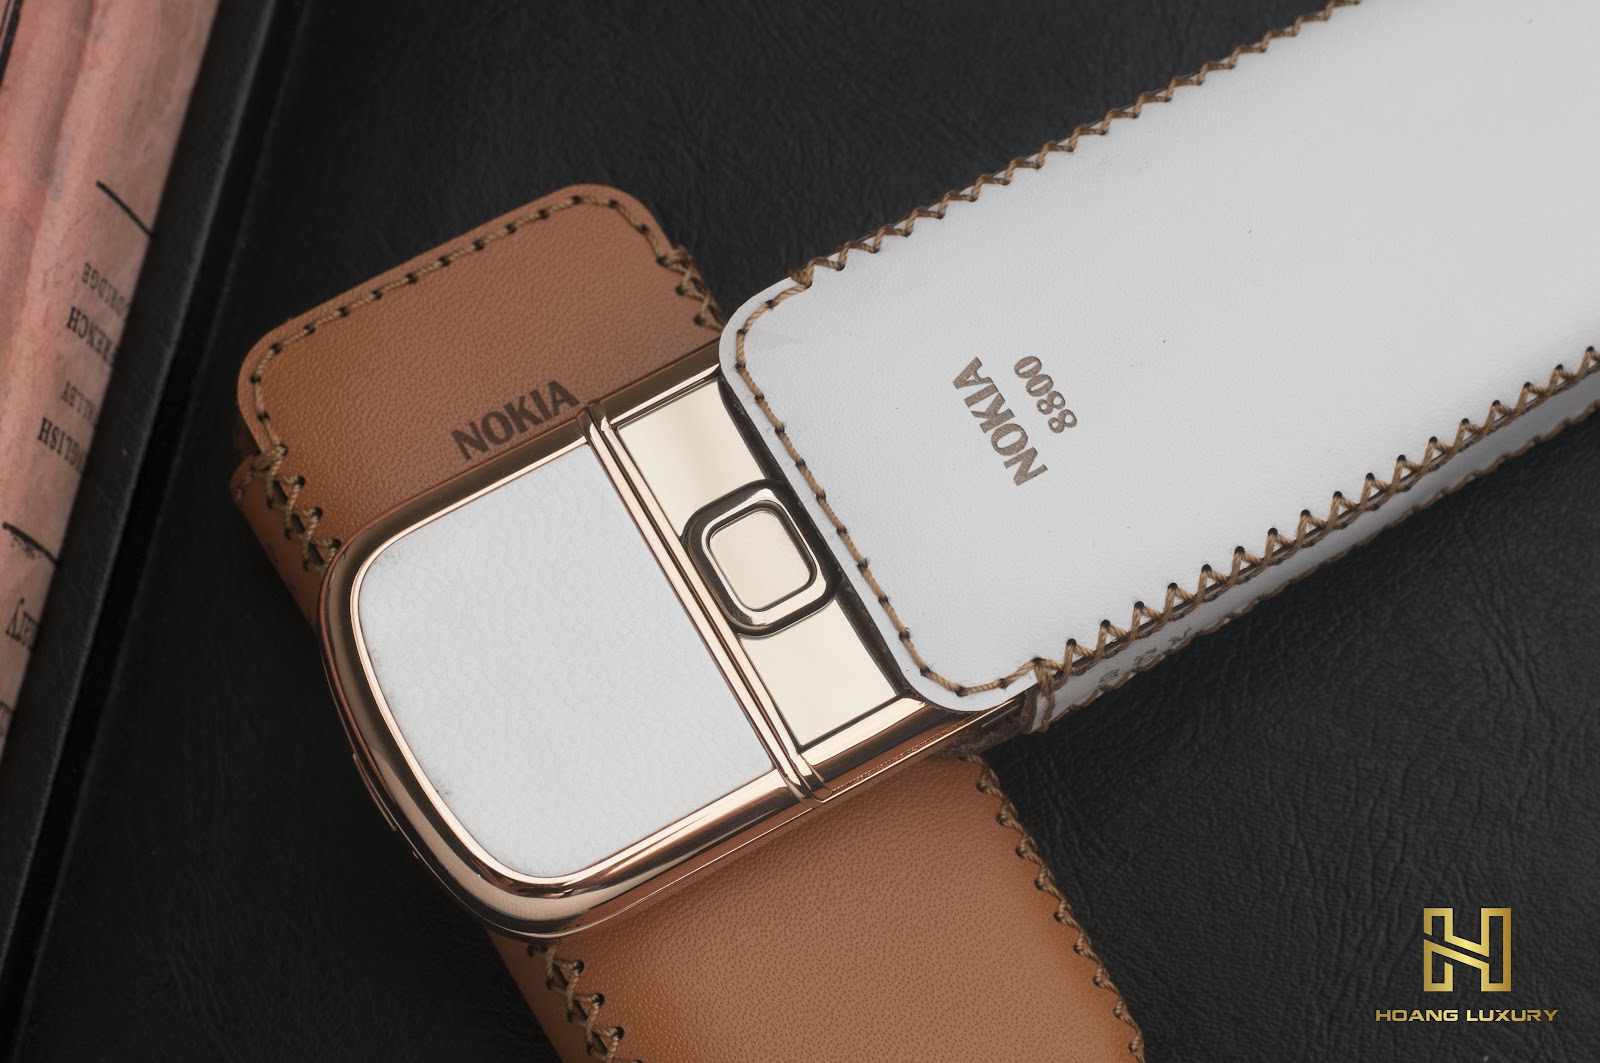 điện thoại nokia 8800 ba da cực đẹp